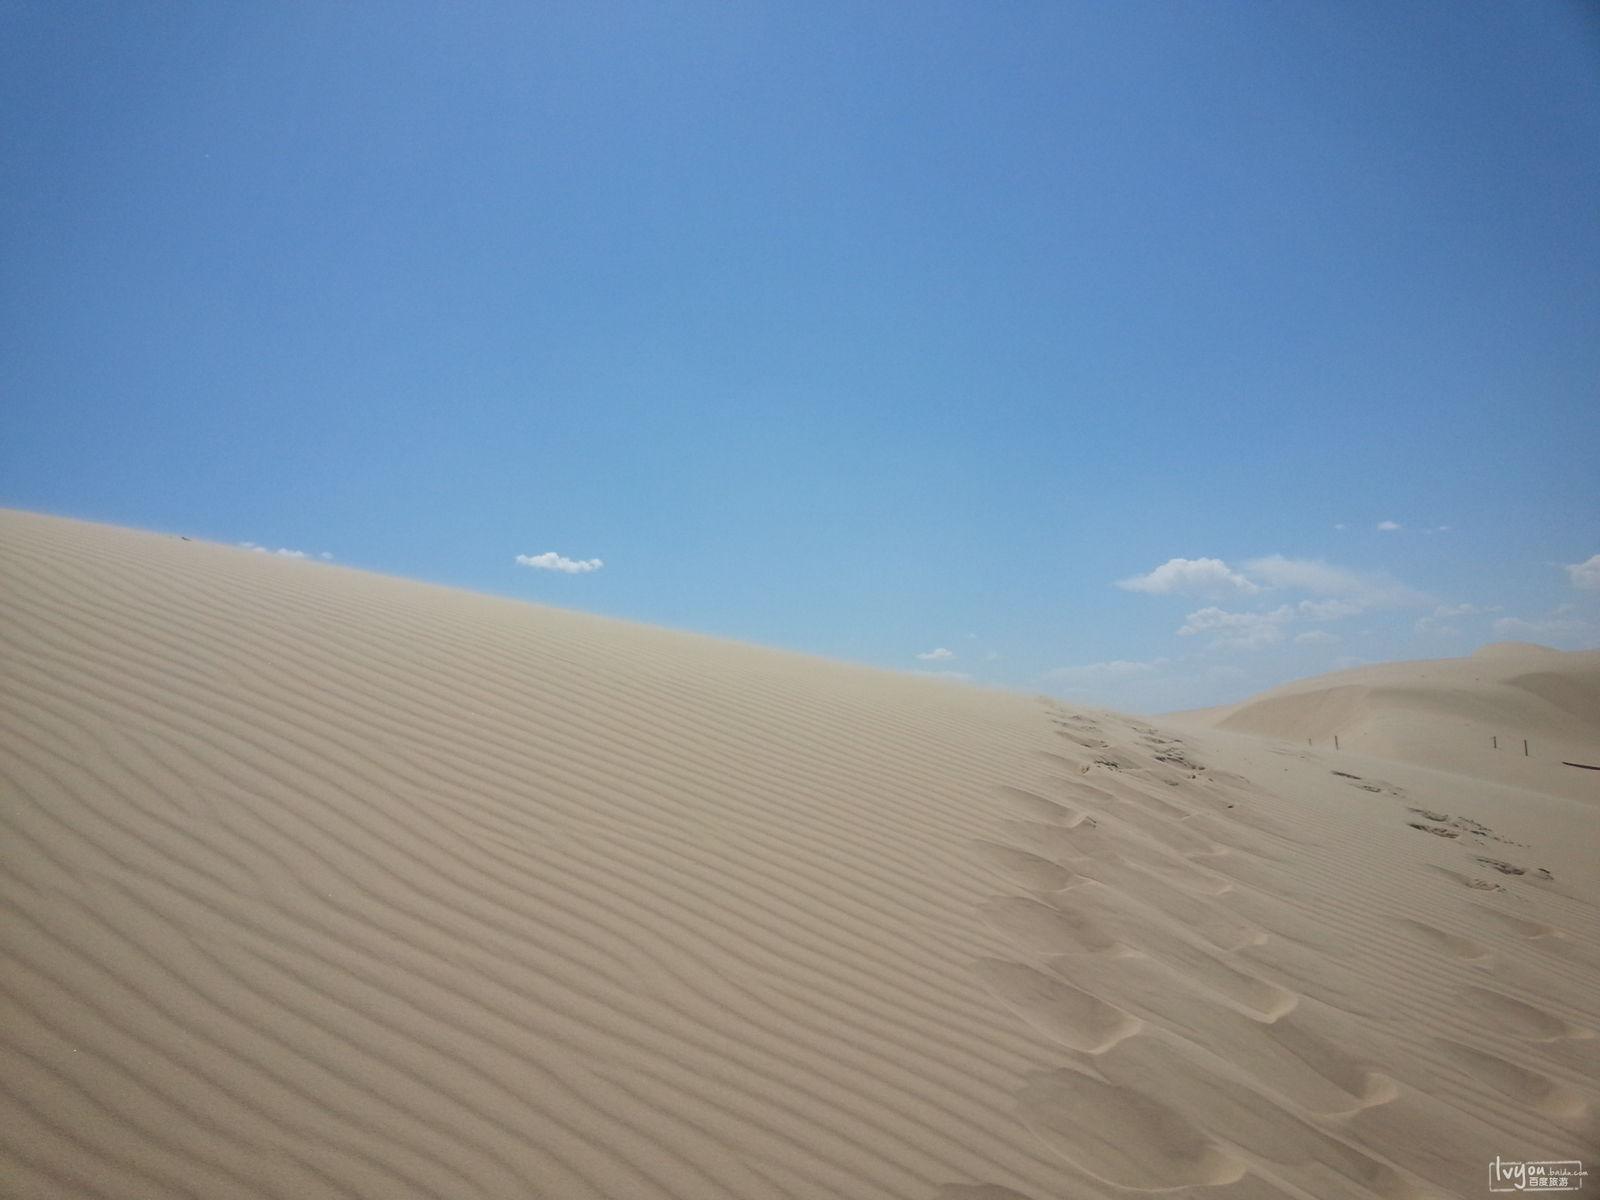 市库伦旗塔敏查干沙漠游记  内蒙古塔敏查干沙漠·银湾沙漠旅游风景区